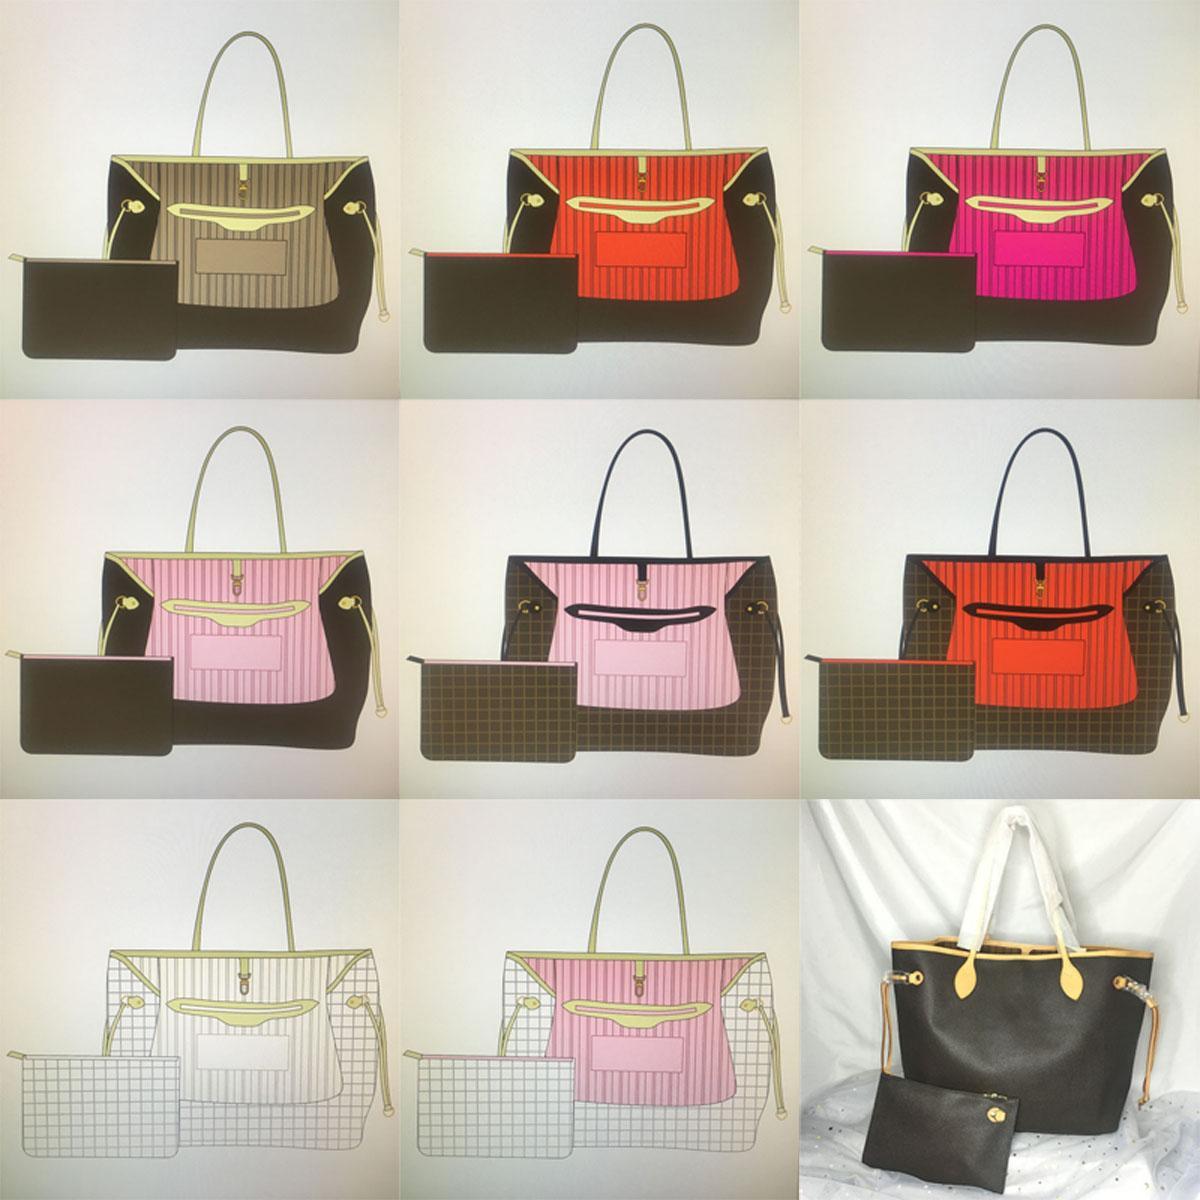 Mm gm naverfulls designer de luxo bolsas de couro genuíno bolsas de mão clássico bolsas para mulheres bolsa com bolsa carteira moda compras bolsa bolsa de bolsa mulher bolsa de ombro